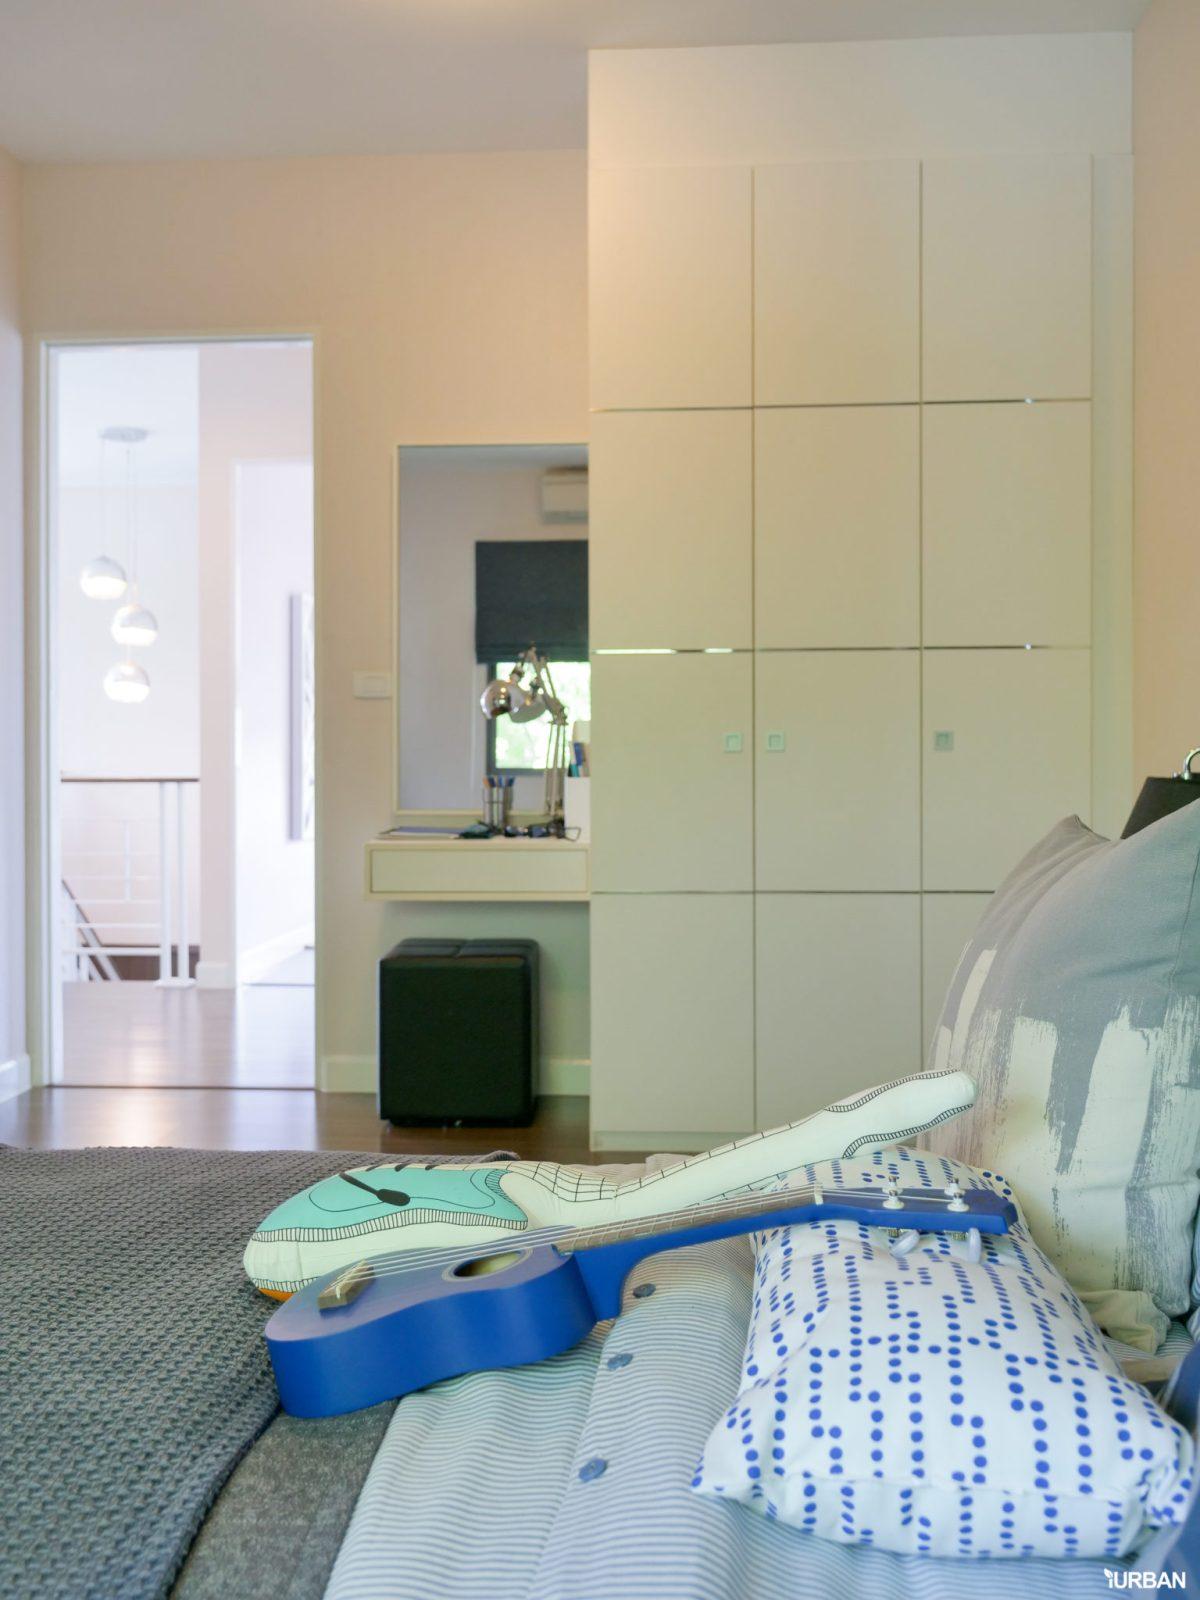 """รีวิว """"ฮาบิเทีย พาร์ค เทียนทะเล 28"""" ที่ดิน 100 ตร.ว. ทำเลพระราม 2 จากแสนสิริ 126 - 4 Bedrooms"""